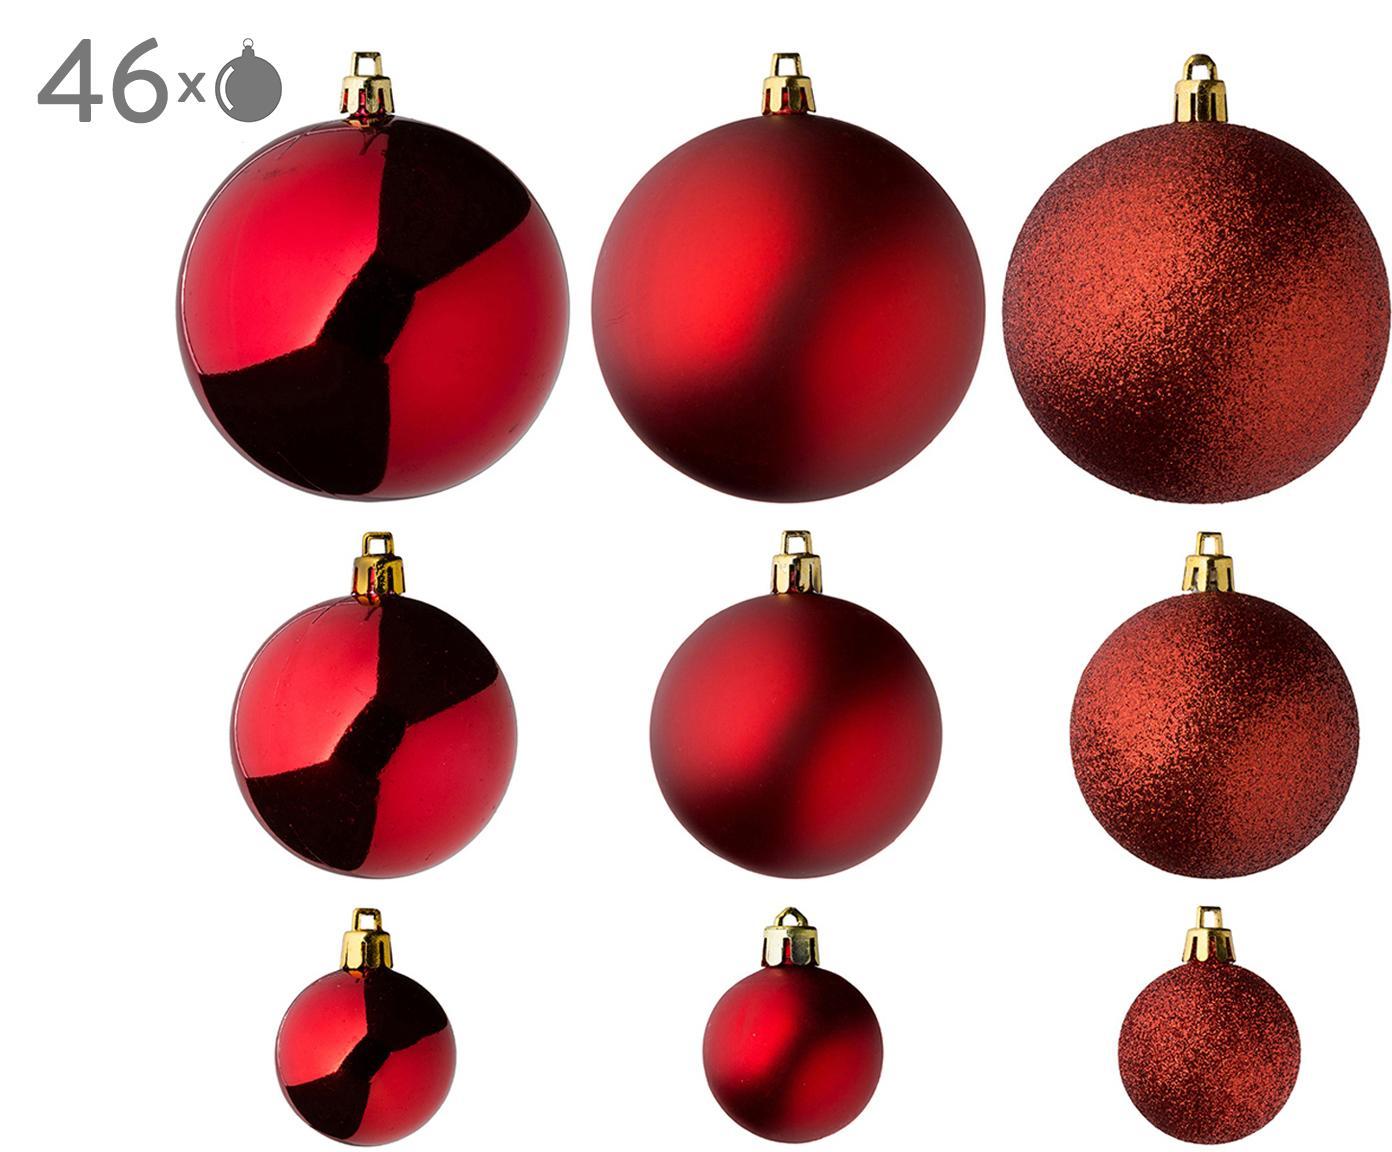 Set palline di Natale Silvia 46 pz, Materiale sintetico, Rosso, Diverse dimensioni